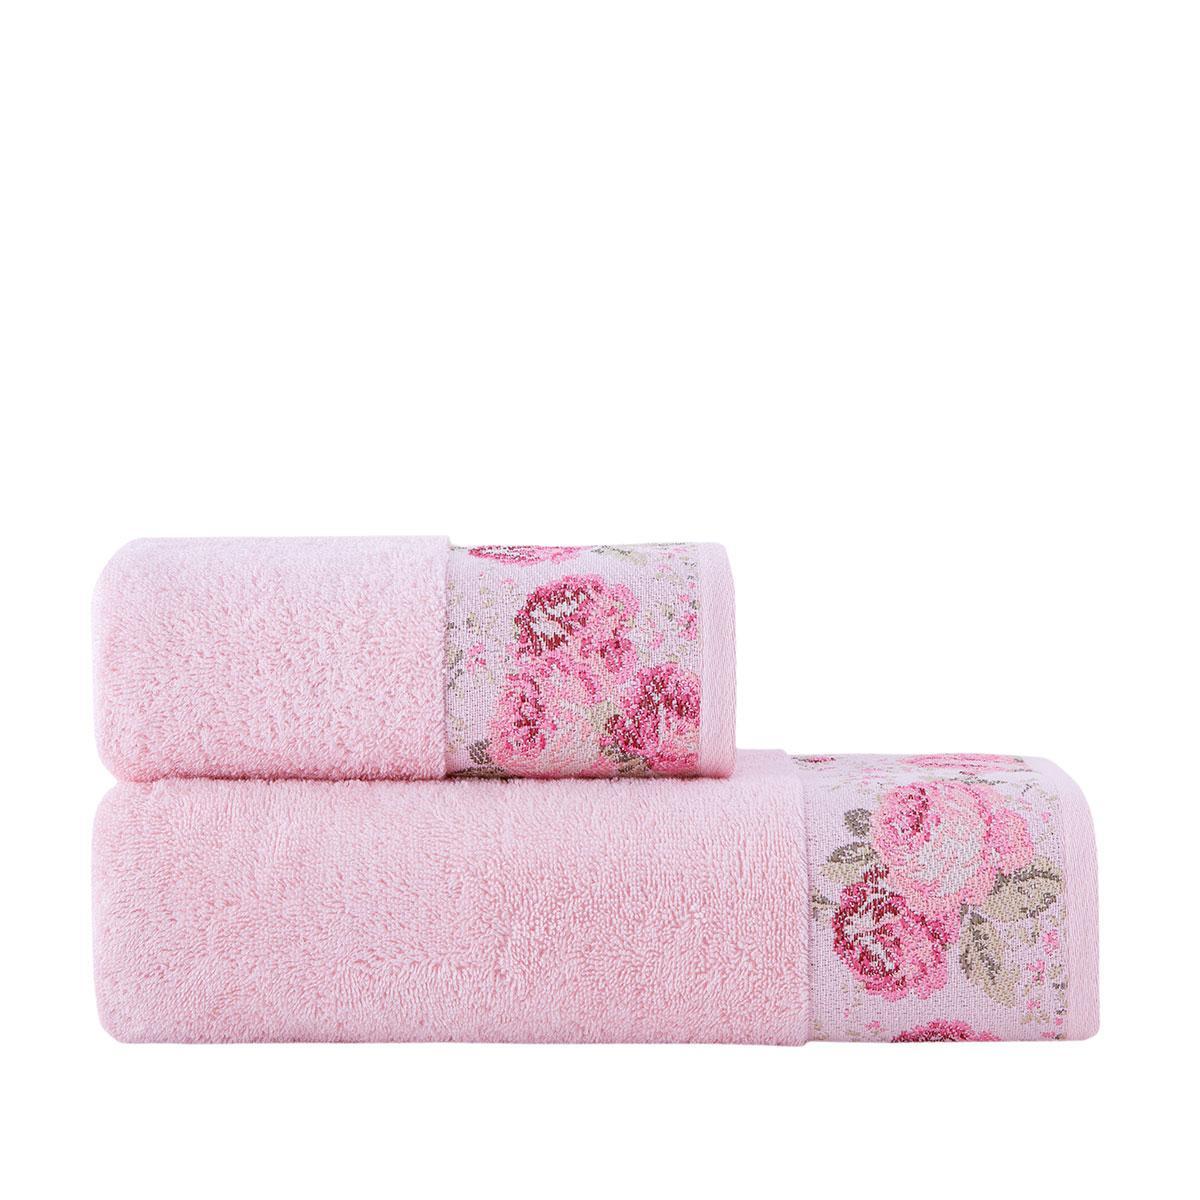 Полотенце для тела Arya Desima 70*140 см махровое банное розовое арт.TR1002517